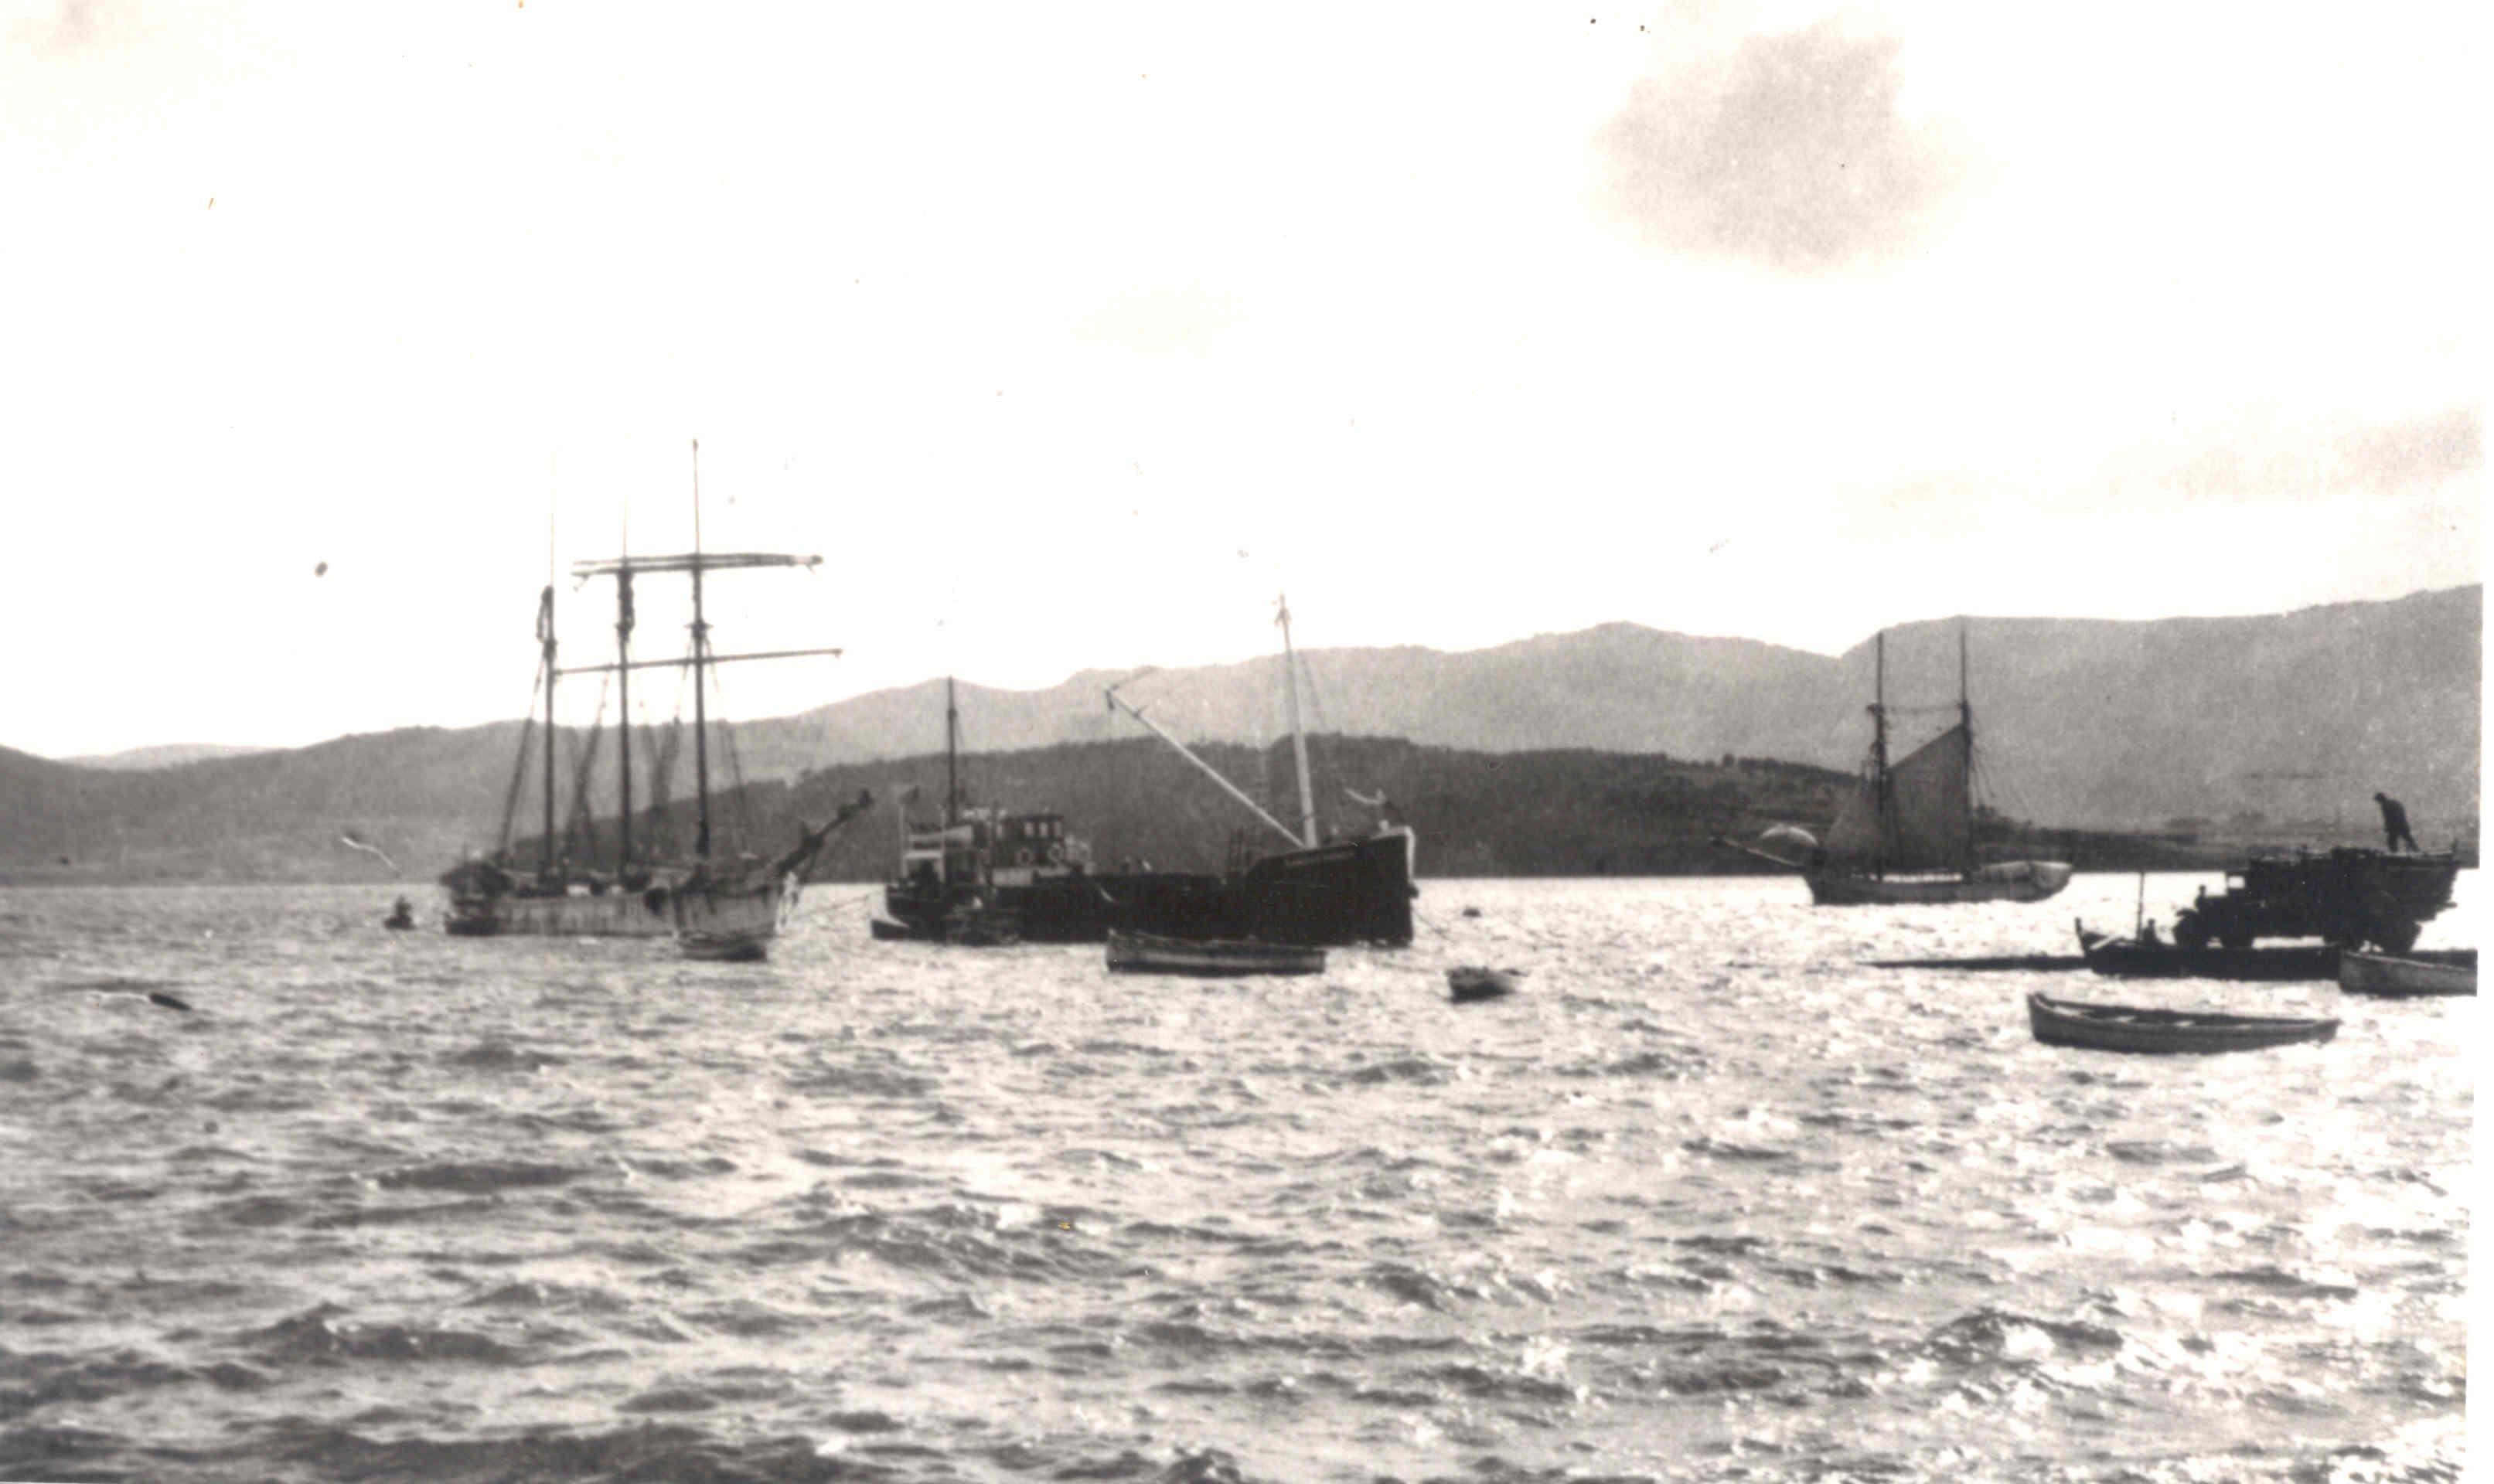 Puerto de Ortiguiera 1964